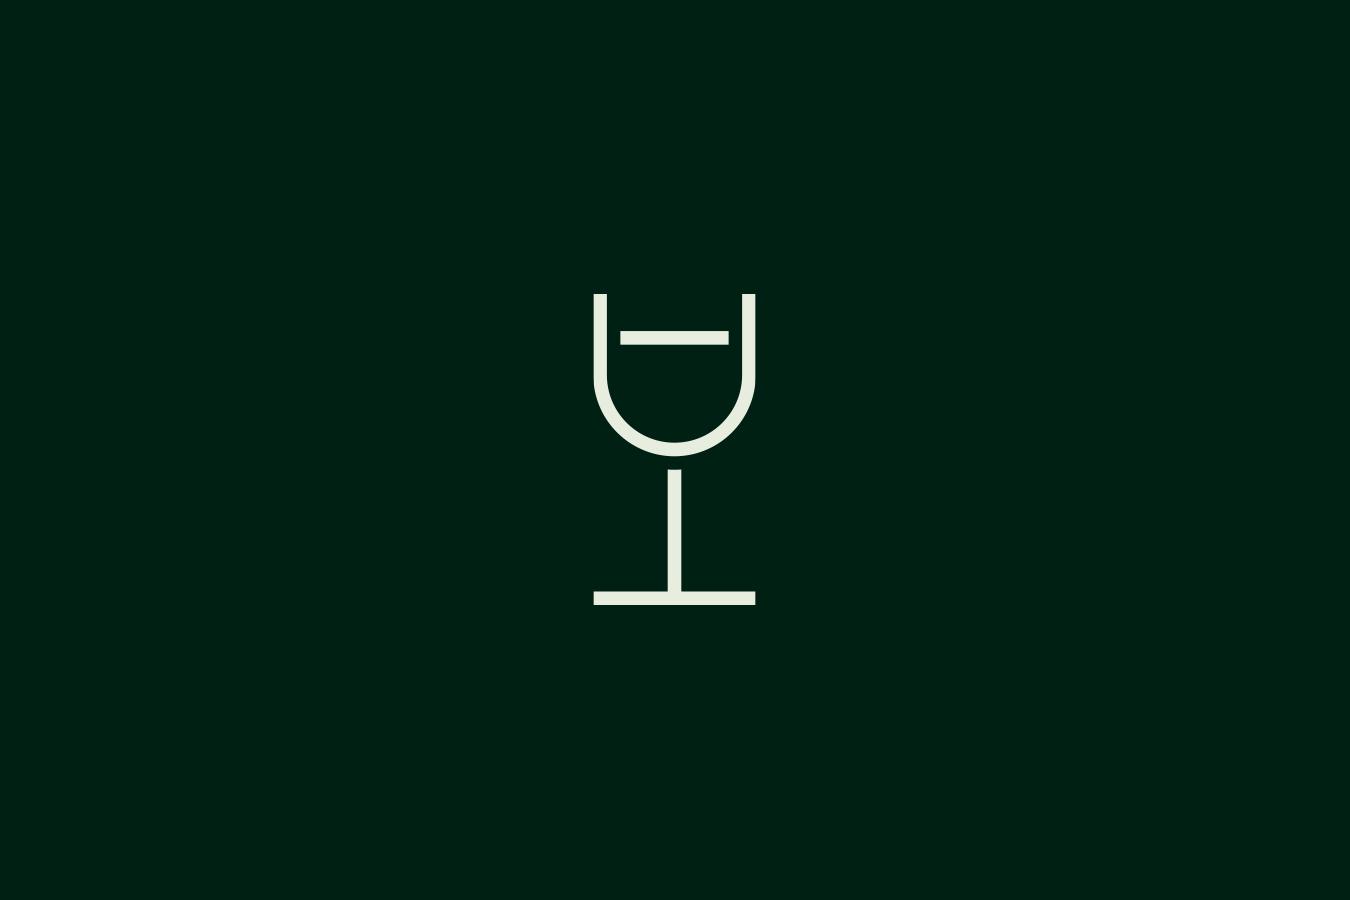 domaine-de-ronchine-bar-et-restaurant-bar-infos-pratiques-01.jpg